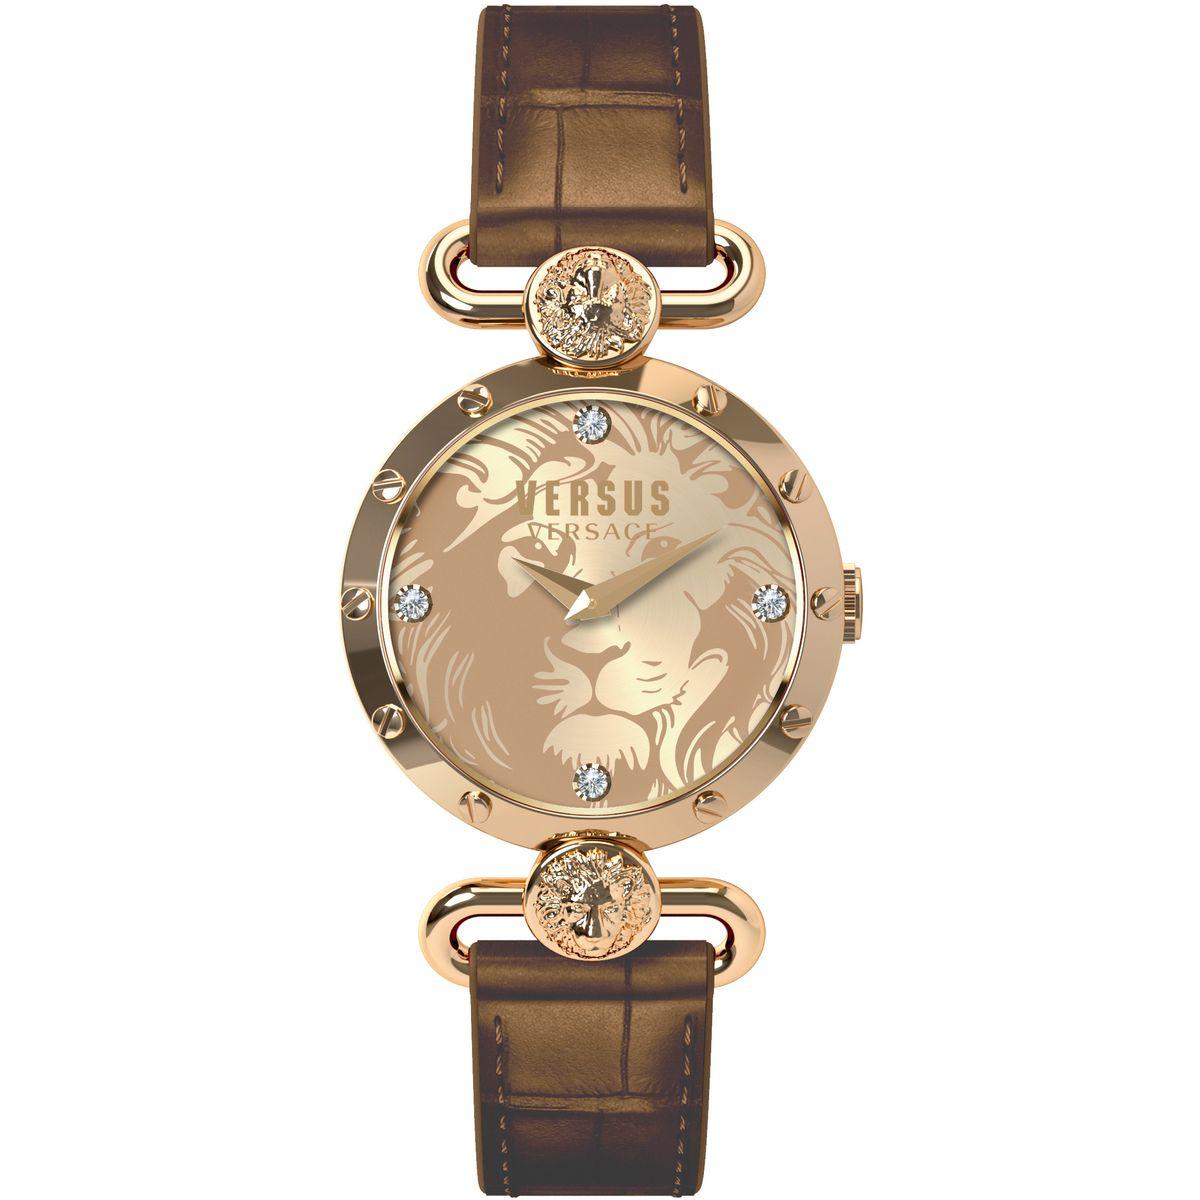 Наручные часы женские Versus Versace, цвет: золотой, коричневый. SOL060015SOL0600153 стрелки, механизм кварцевый Citizen_2025, сталь, диаметр циферблата 38 мм, кожаный ремешок, застежка из стали, стекло минеральное, водонепроницаемость - 3 АТМ